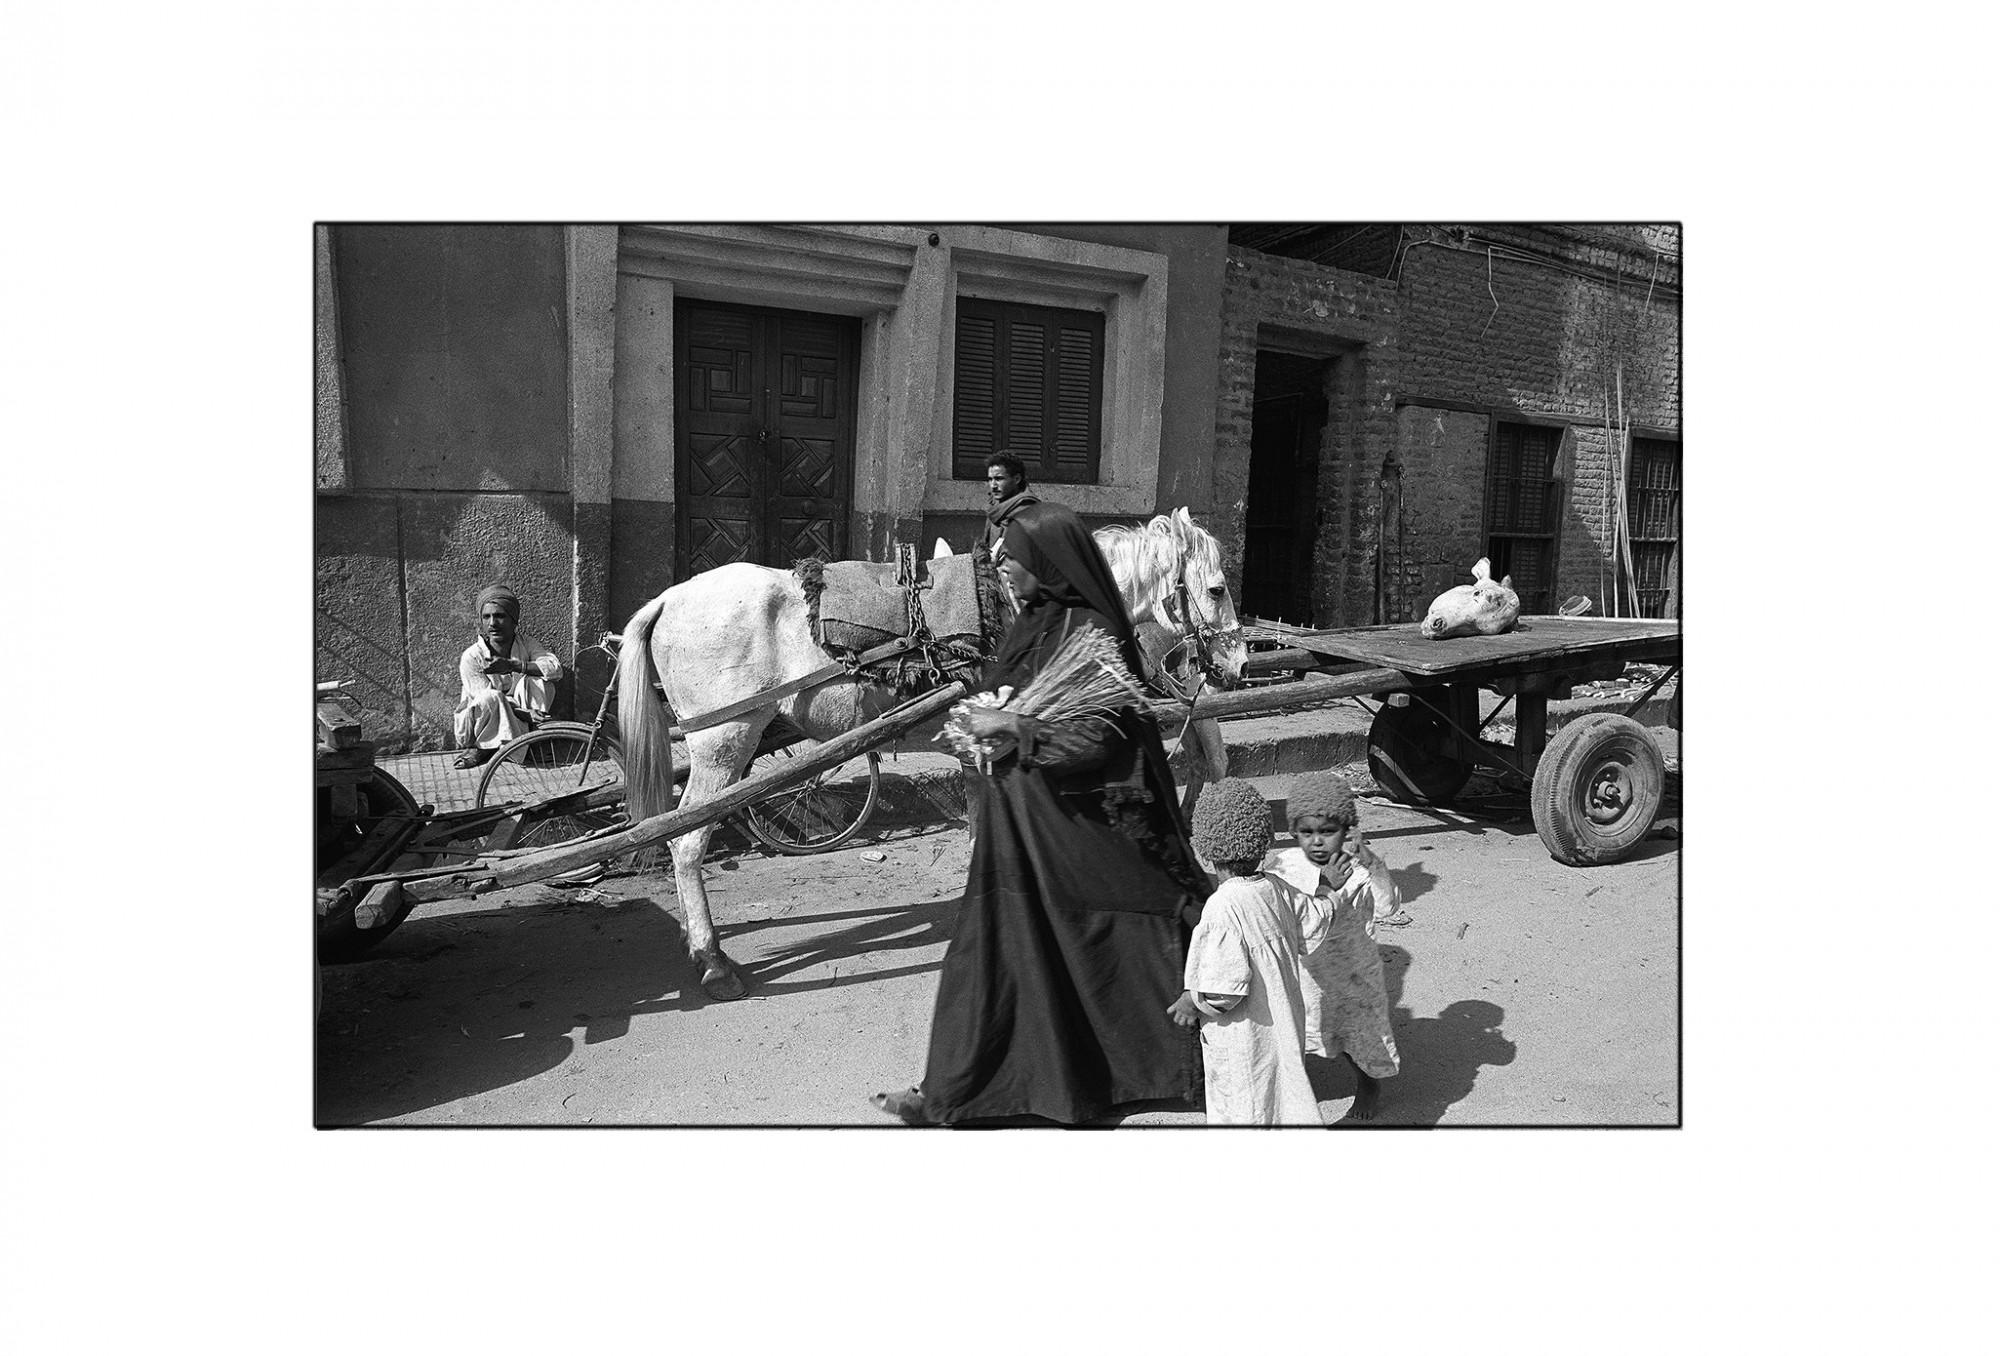 Afbeelding: Fotografie - Art, uit de reeks : De kleur van zwart. Egypte, 93-06-06, © Dominique Van Huffel.